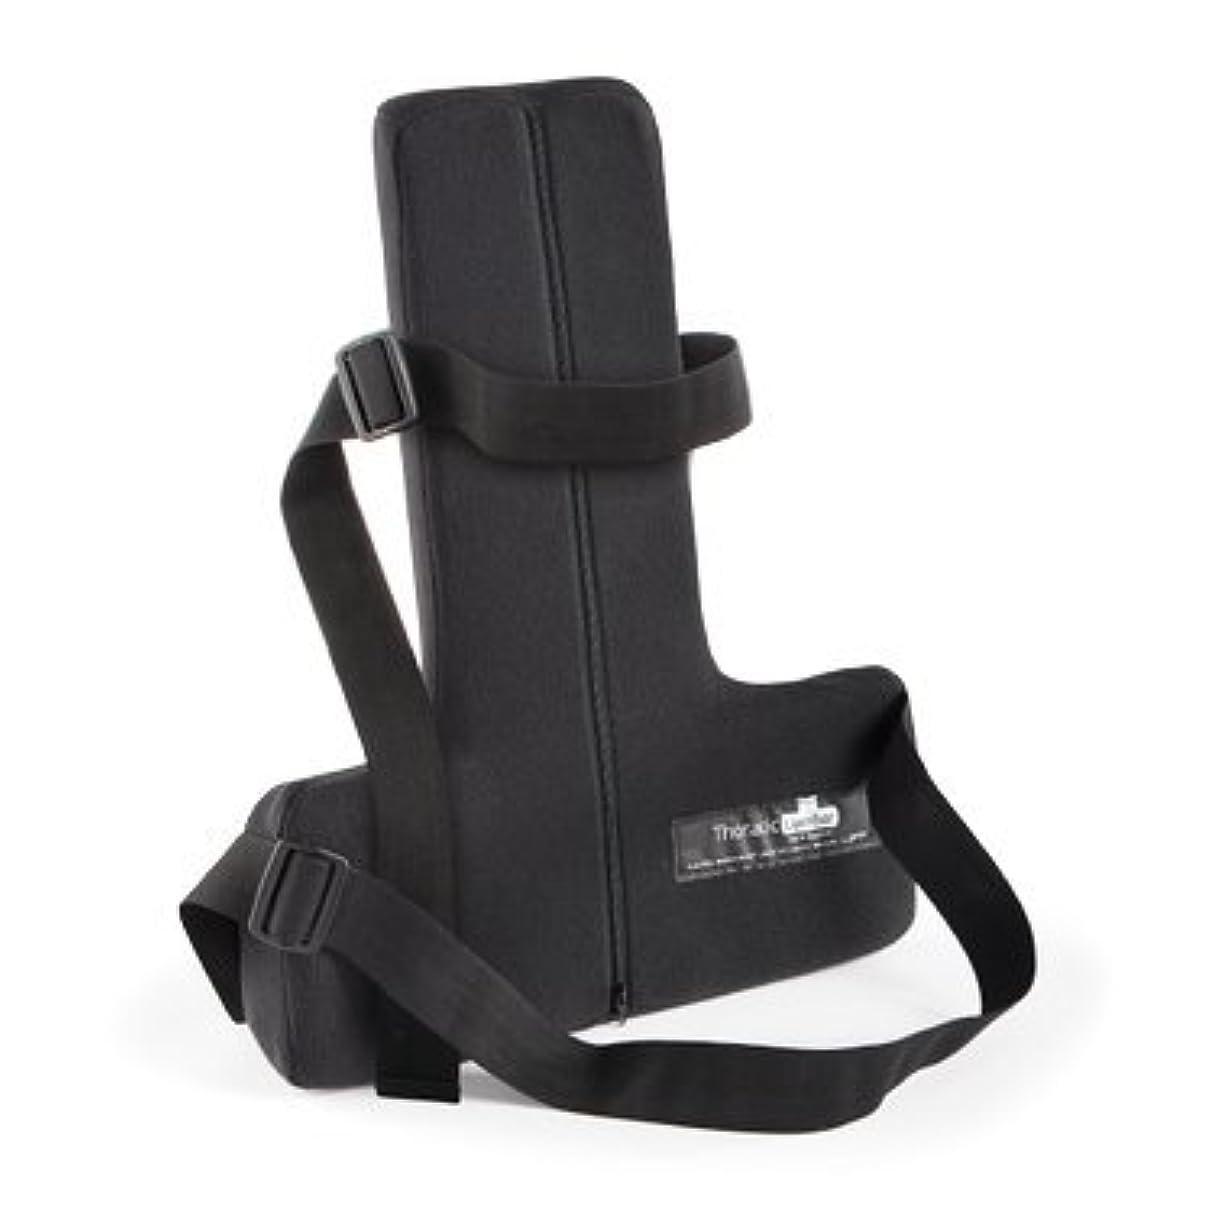 蜂構成員予言するオーピーティー 自宅 車内 オフィス 椅子腰椎サポート 正しい姿勢で背中 肩 首への負担を減らすクッション